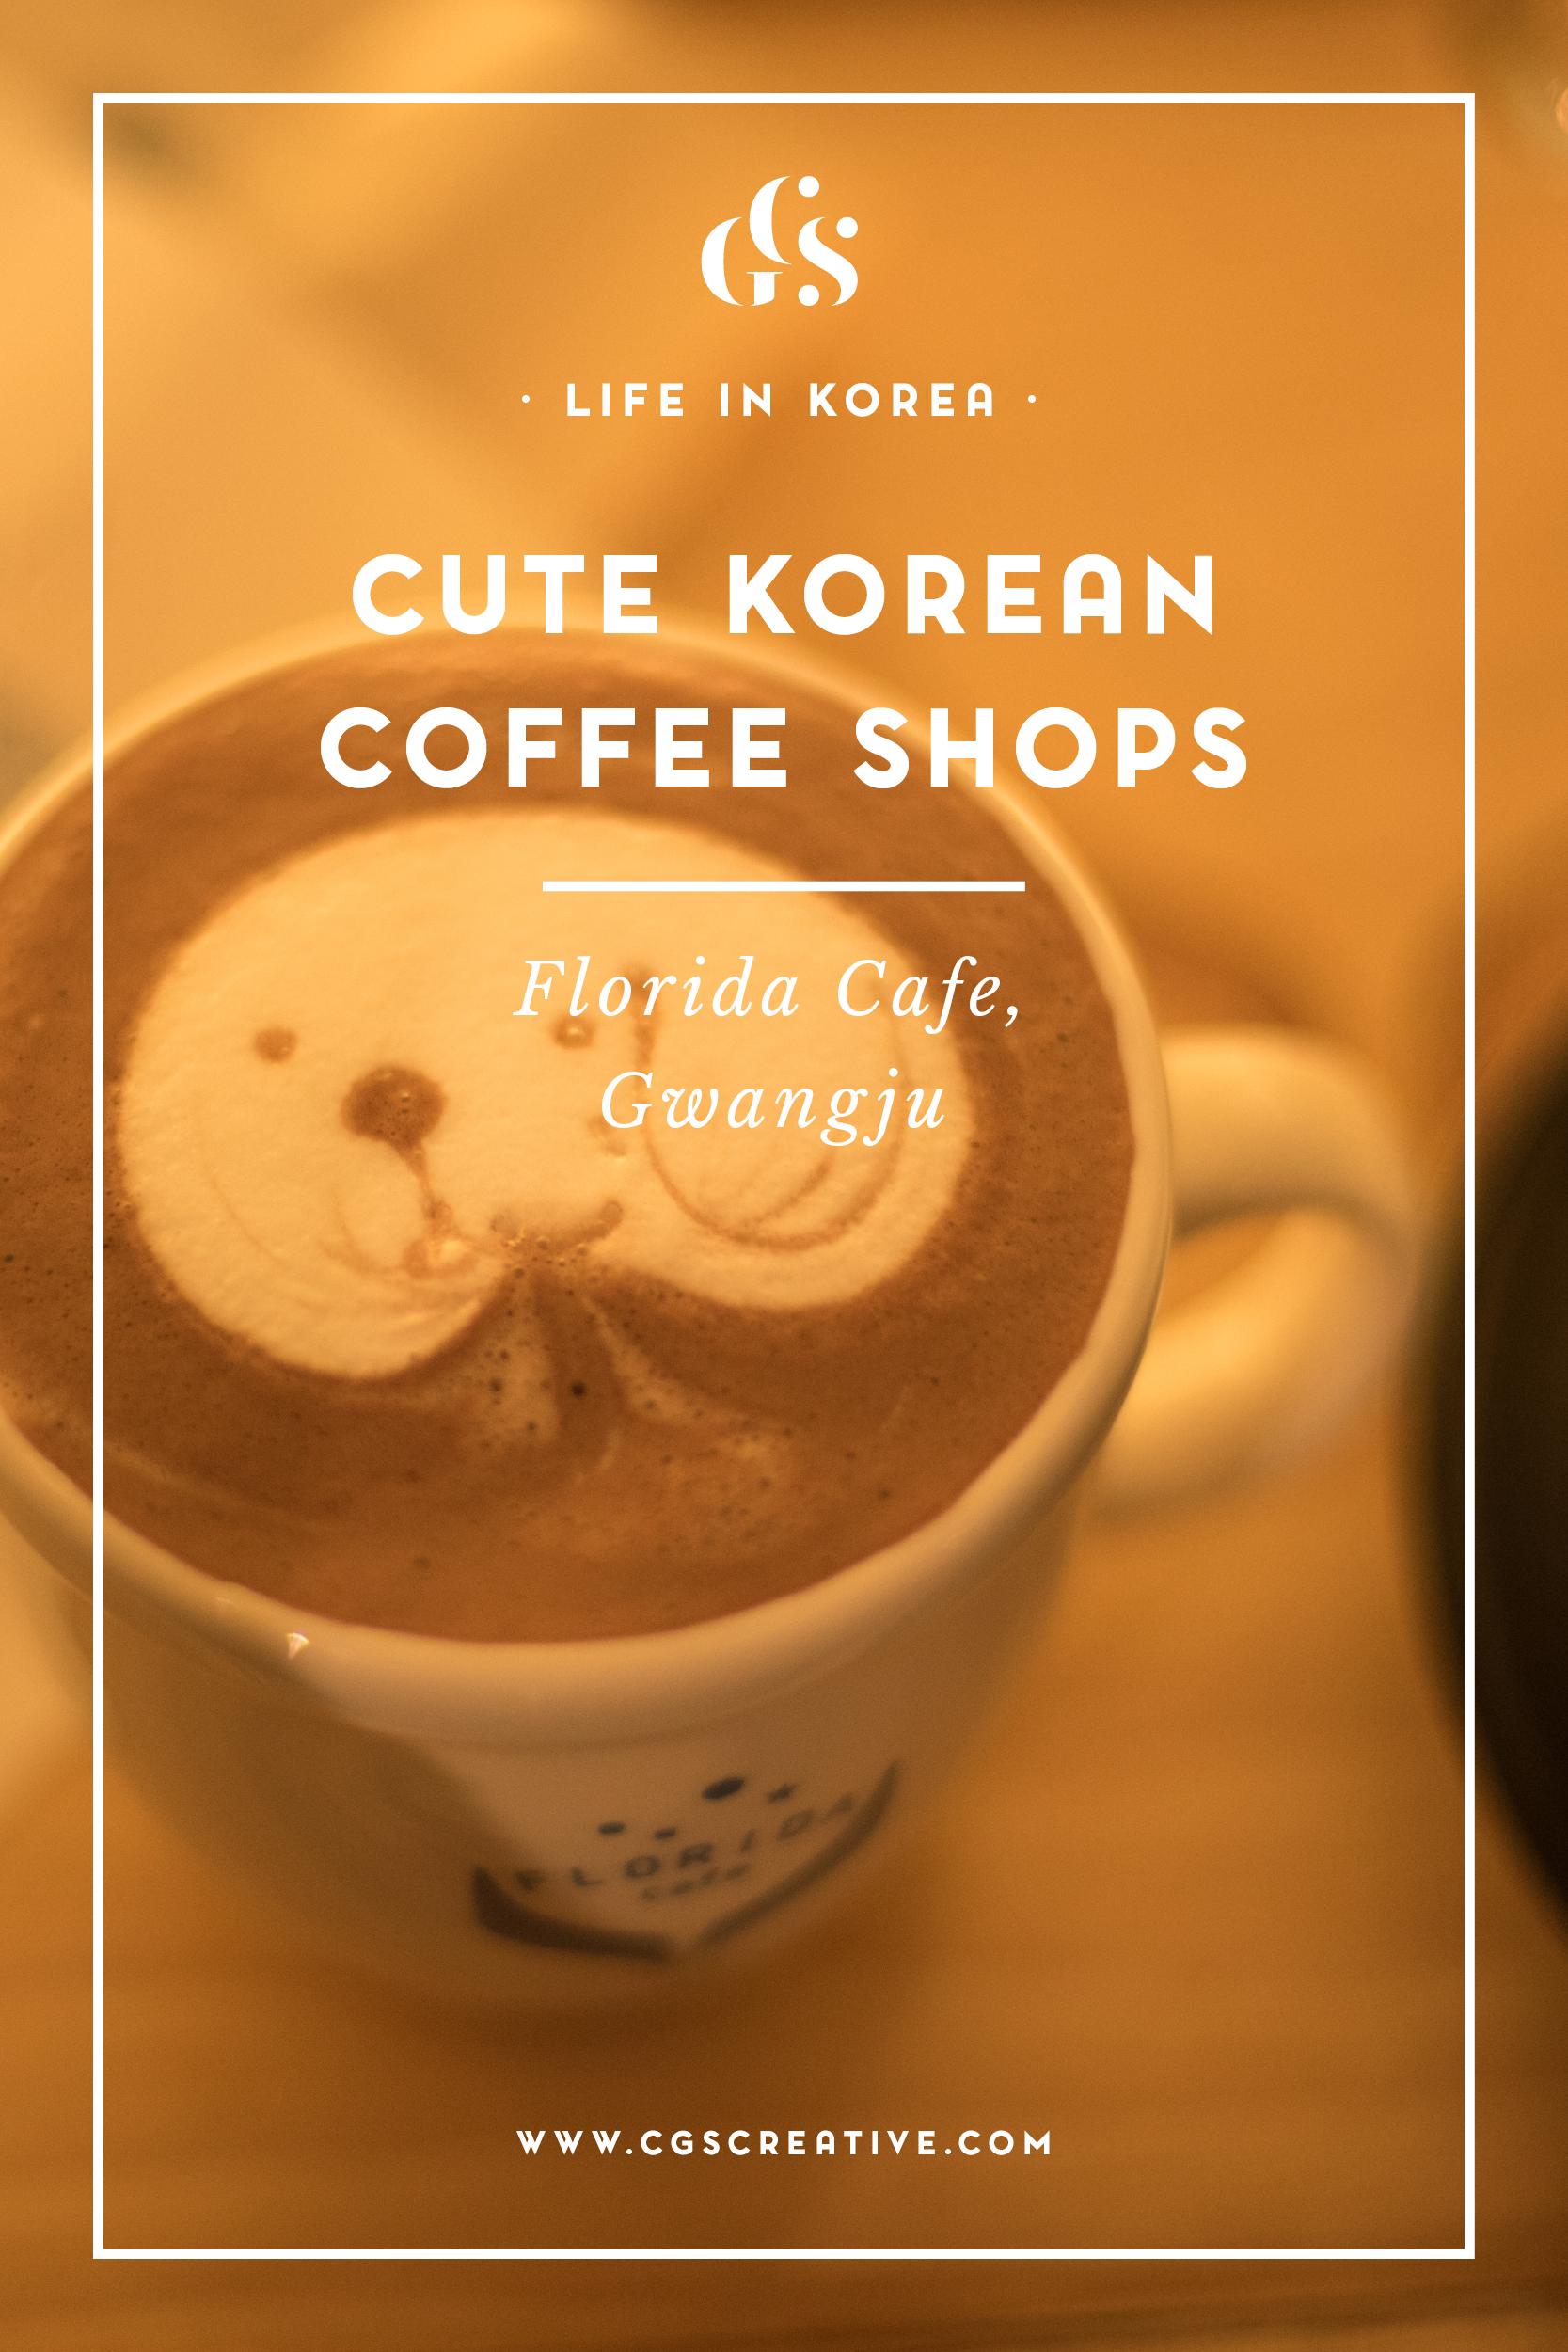 Florida Cafe Gwangju Awesome Coffee Shops Cafes in South Korea